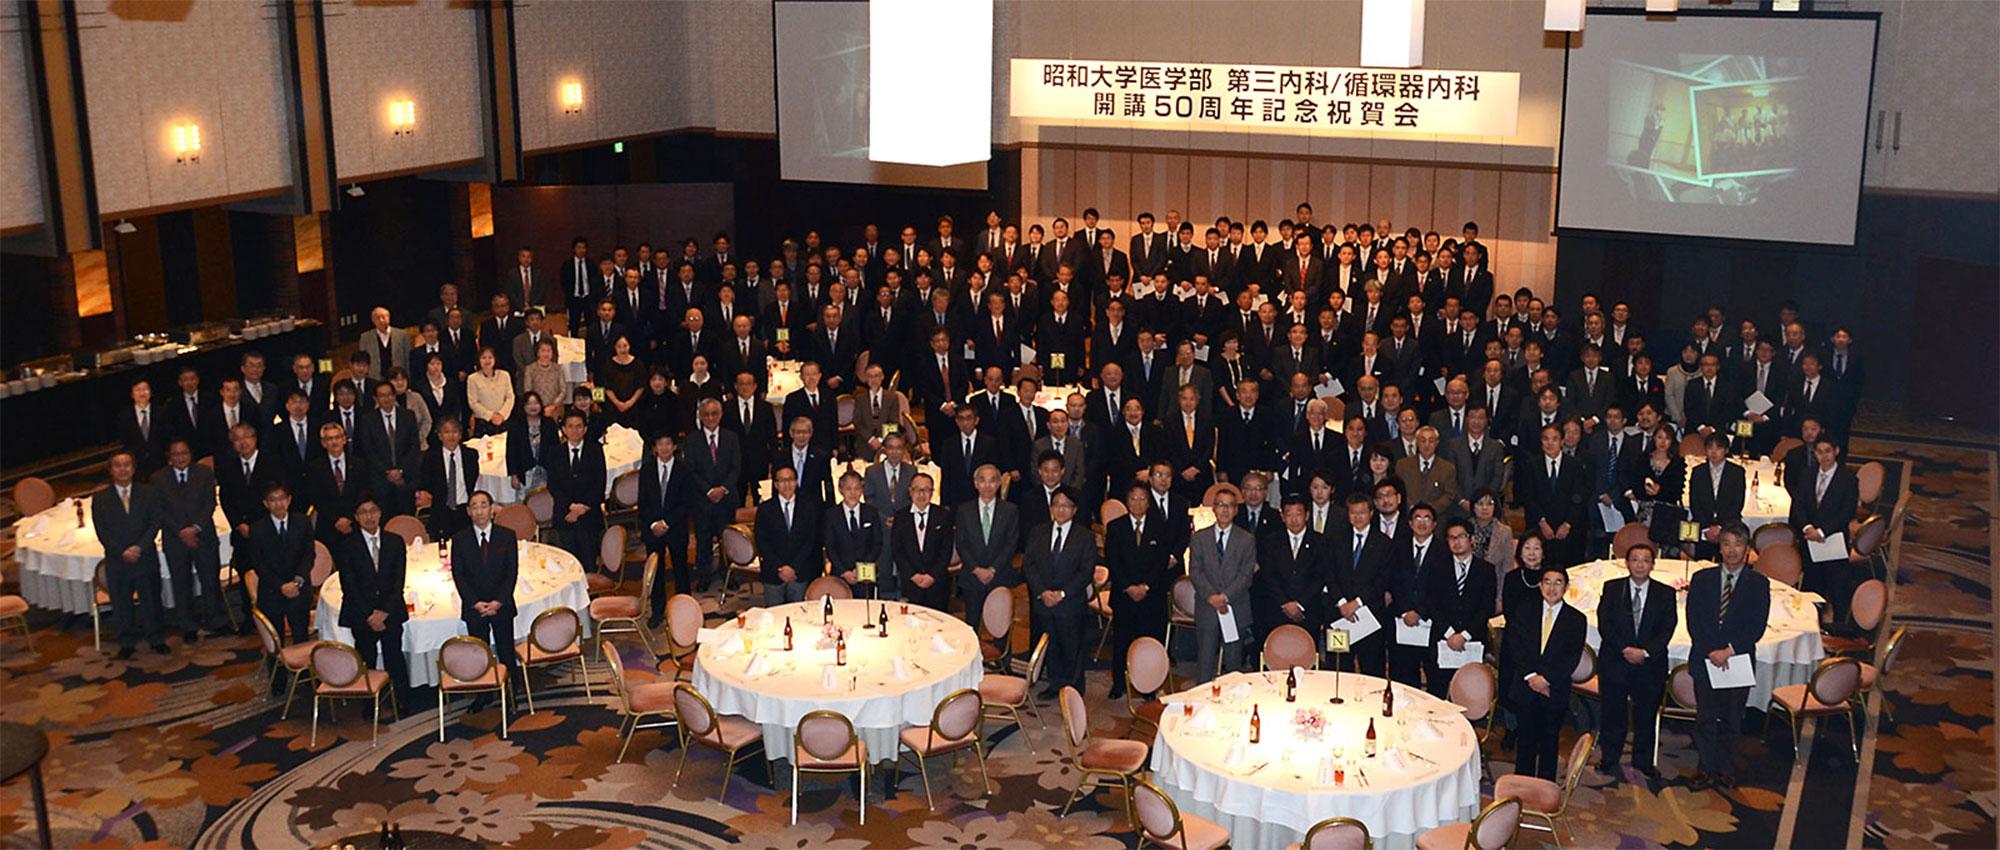 50周年記念祝賀会